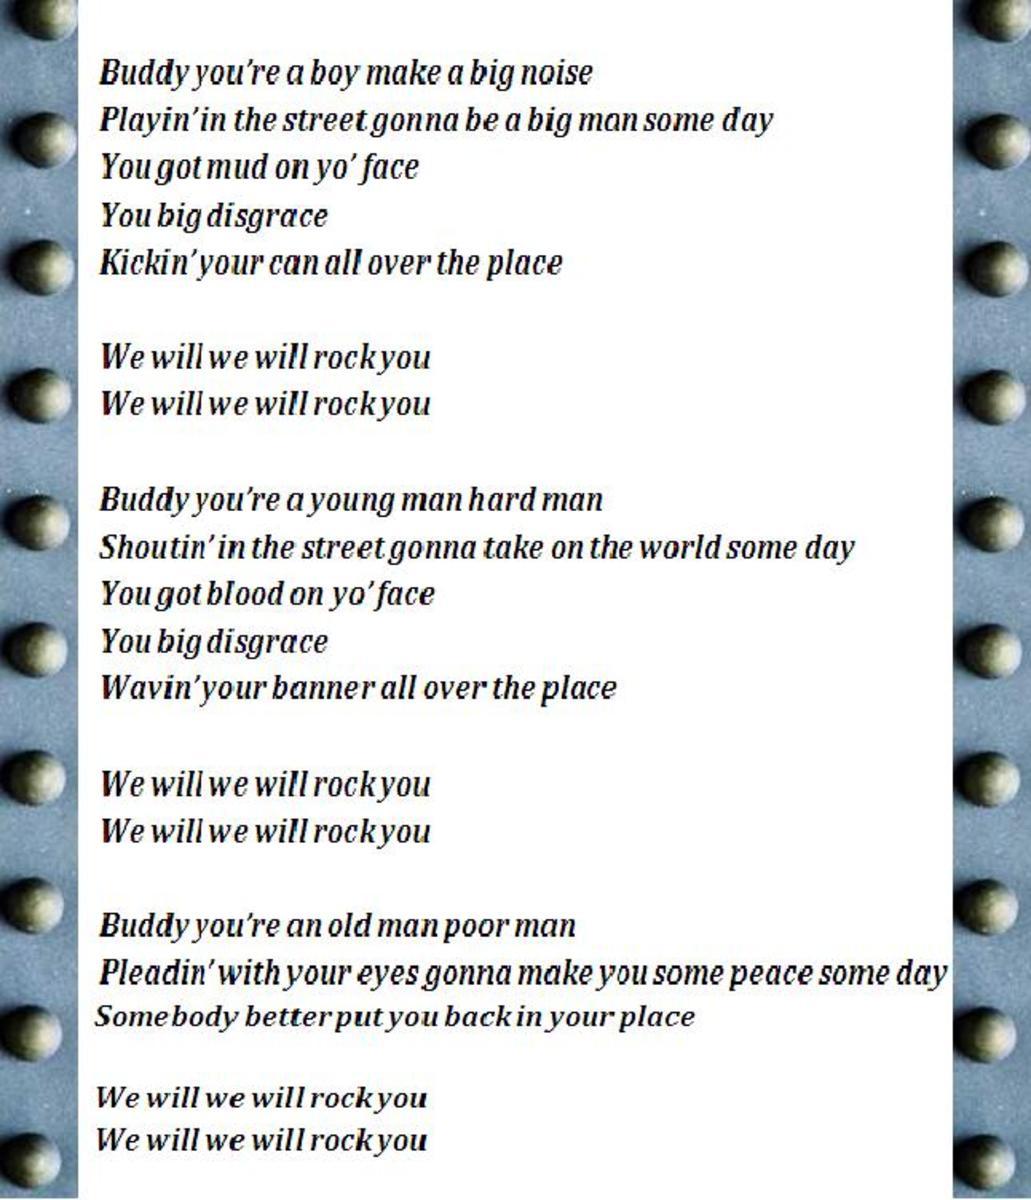 queen we will rock you lyrics